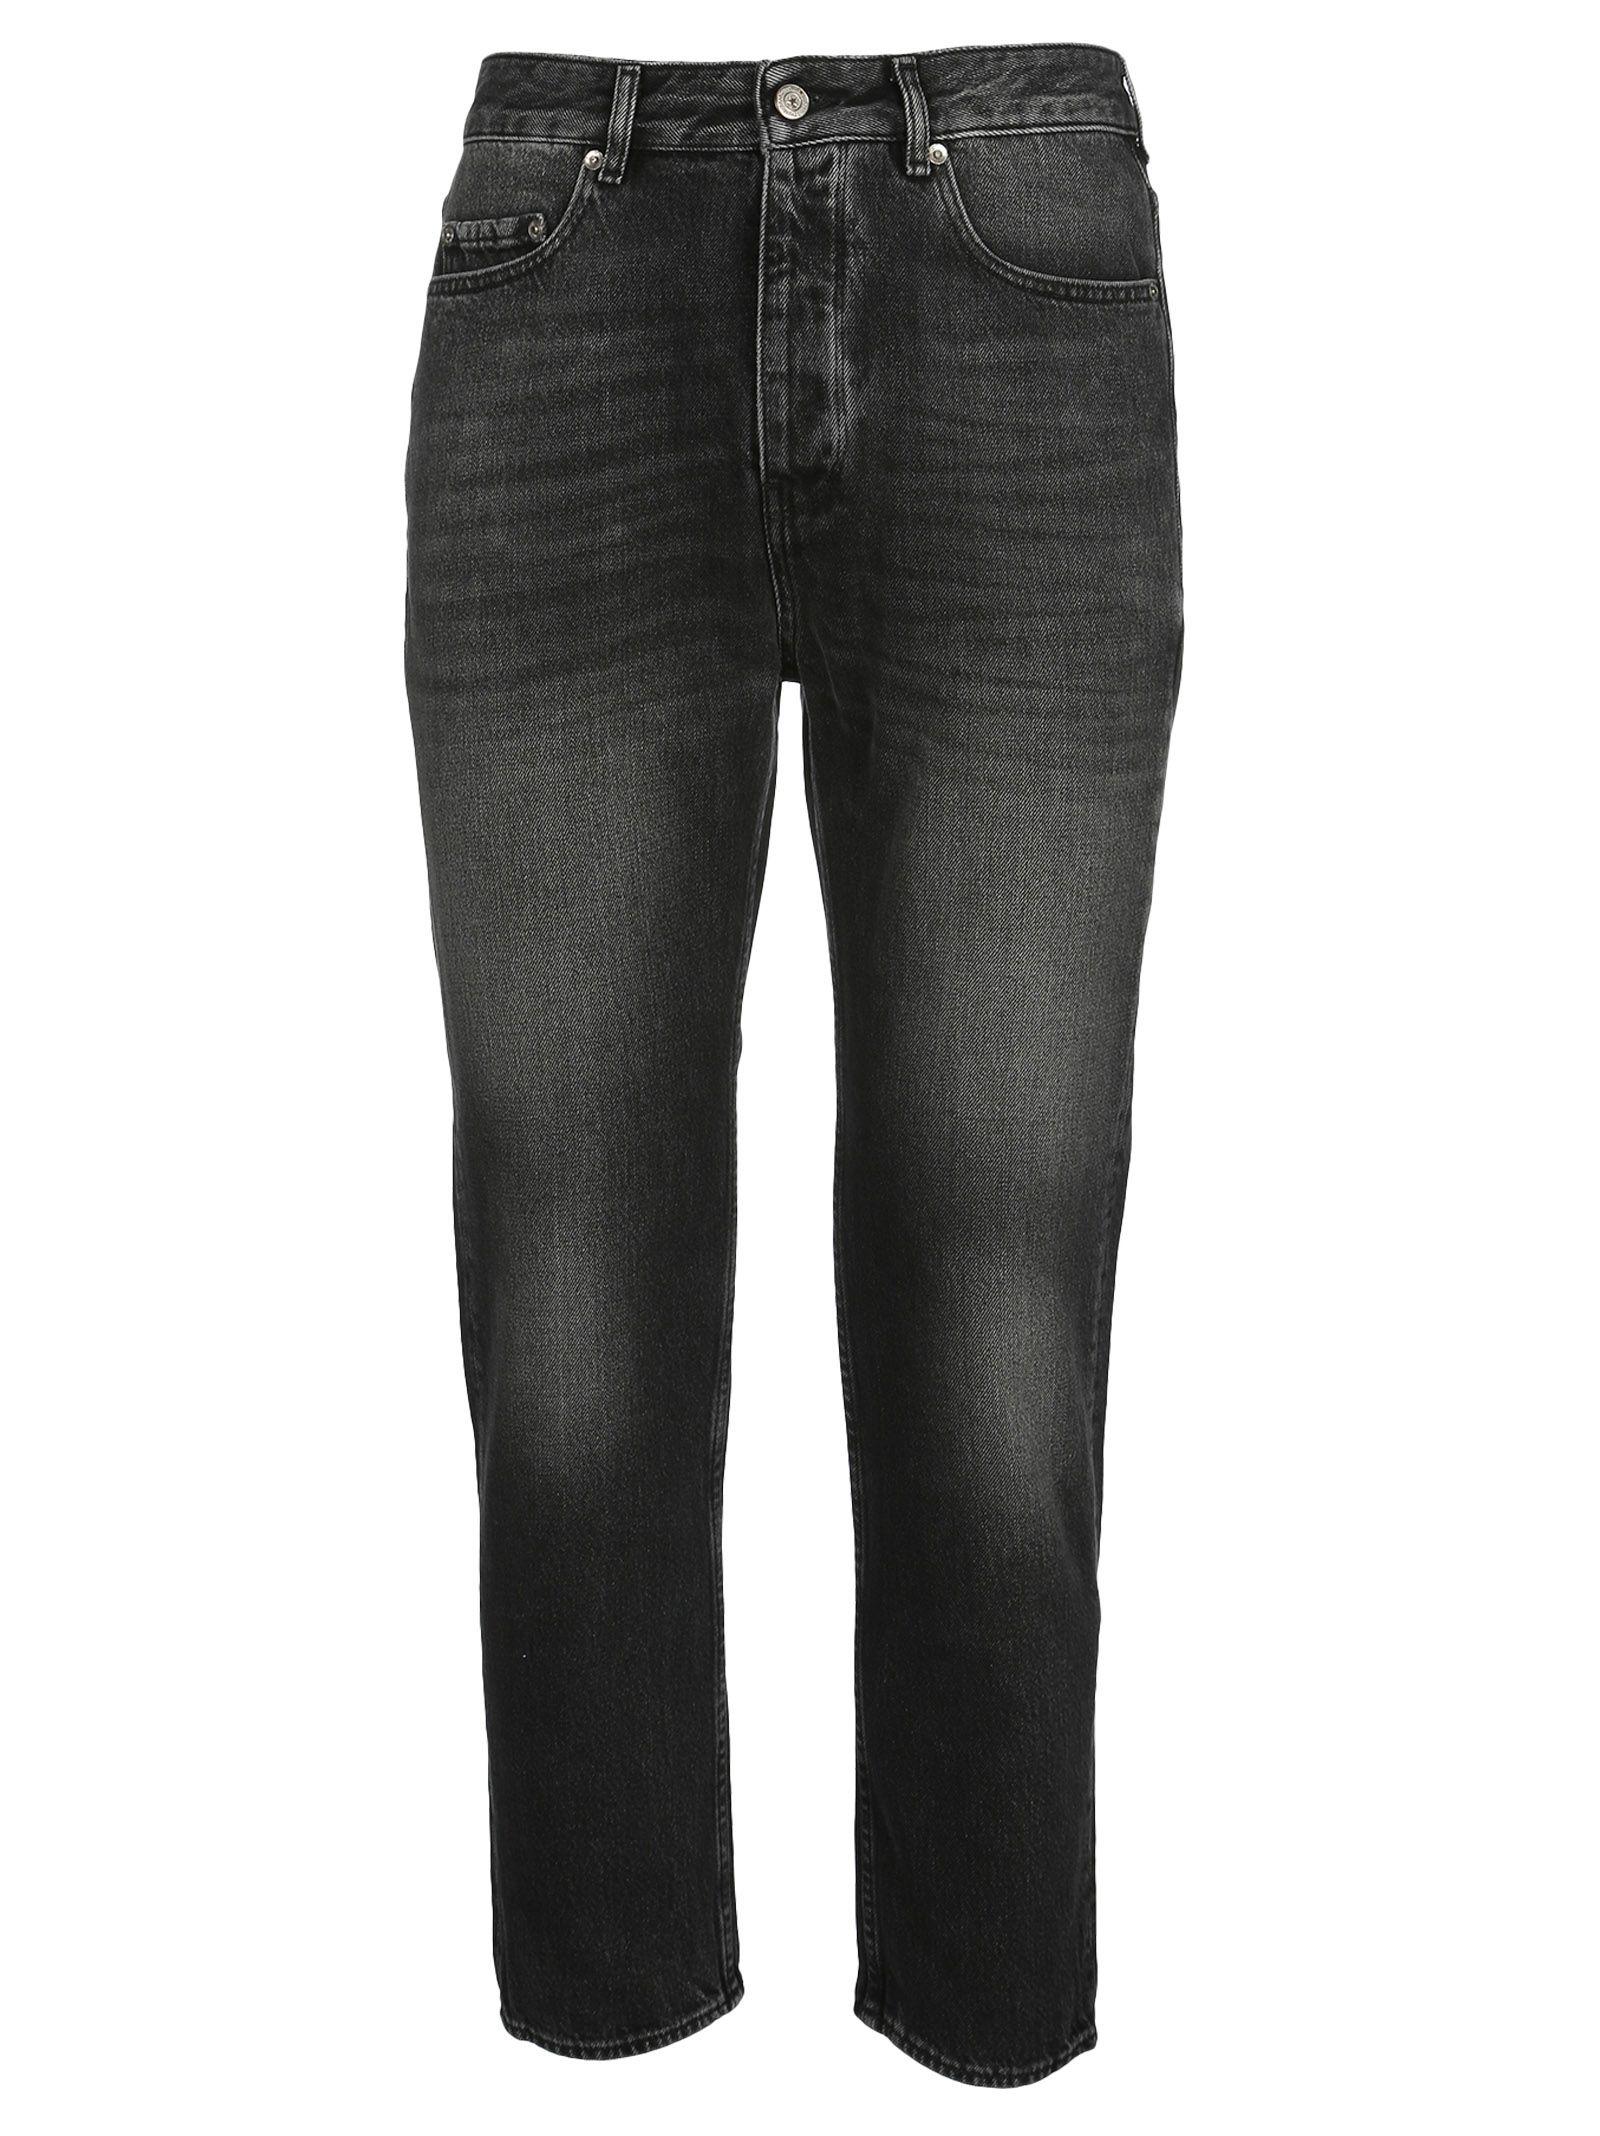 Golden Goose Deluxe Brand Golden Happy Slim Fit Jeans